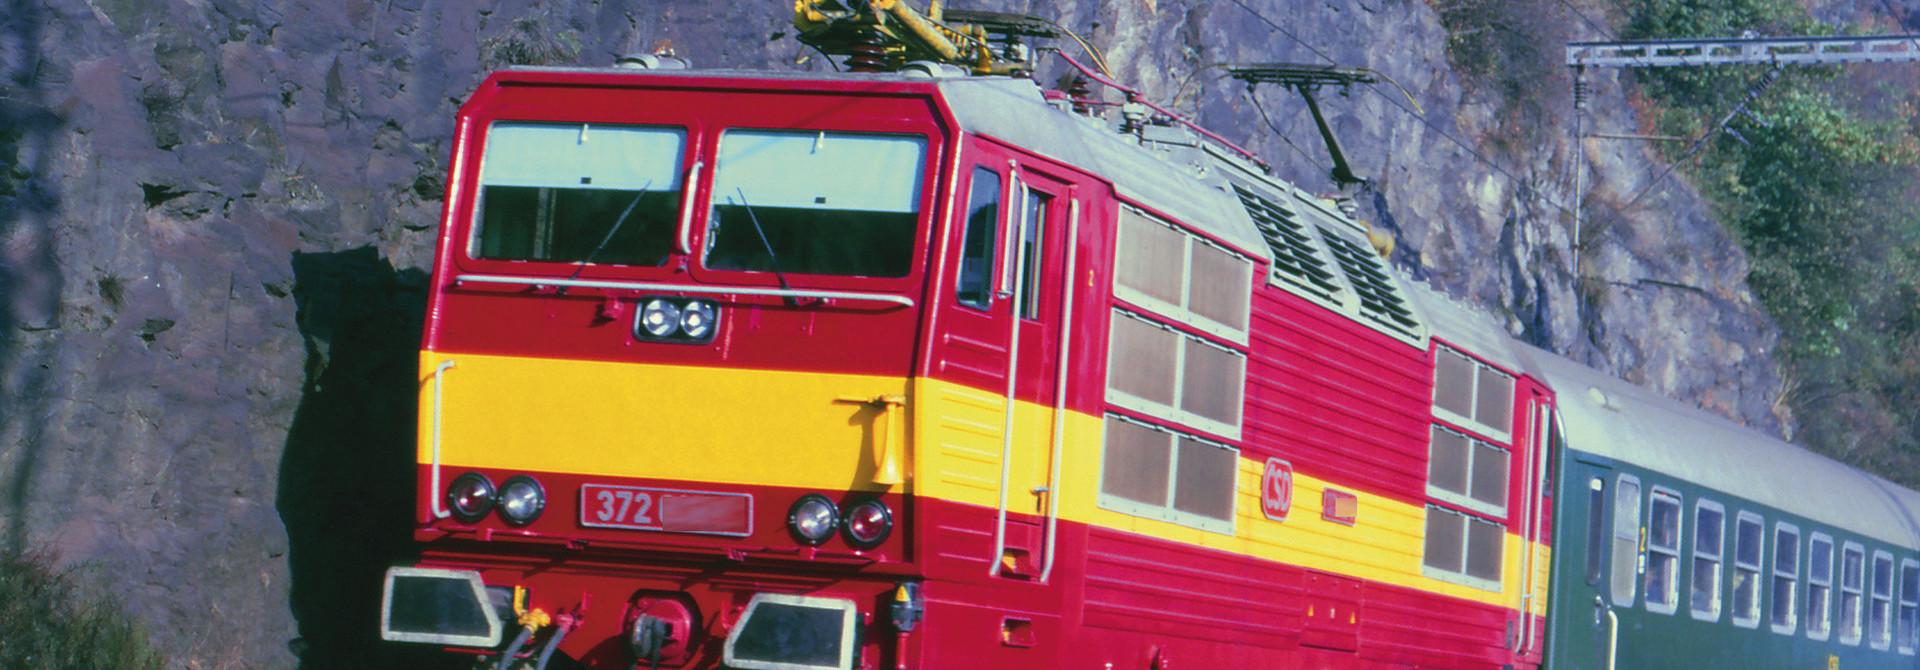 71222 E-Lok Rh 372 CSD Snd.